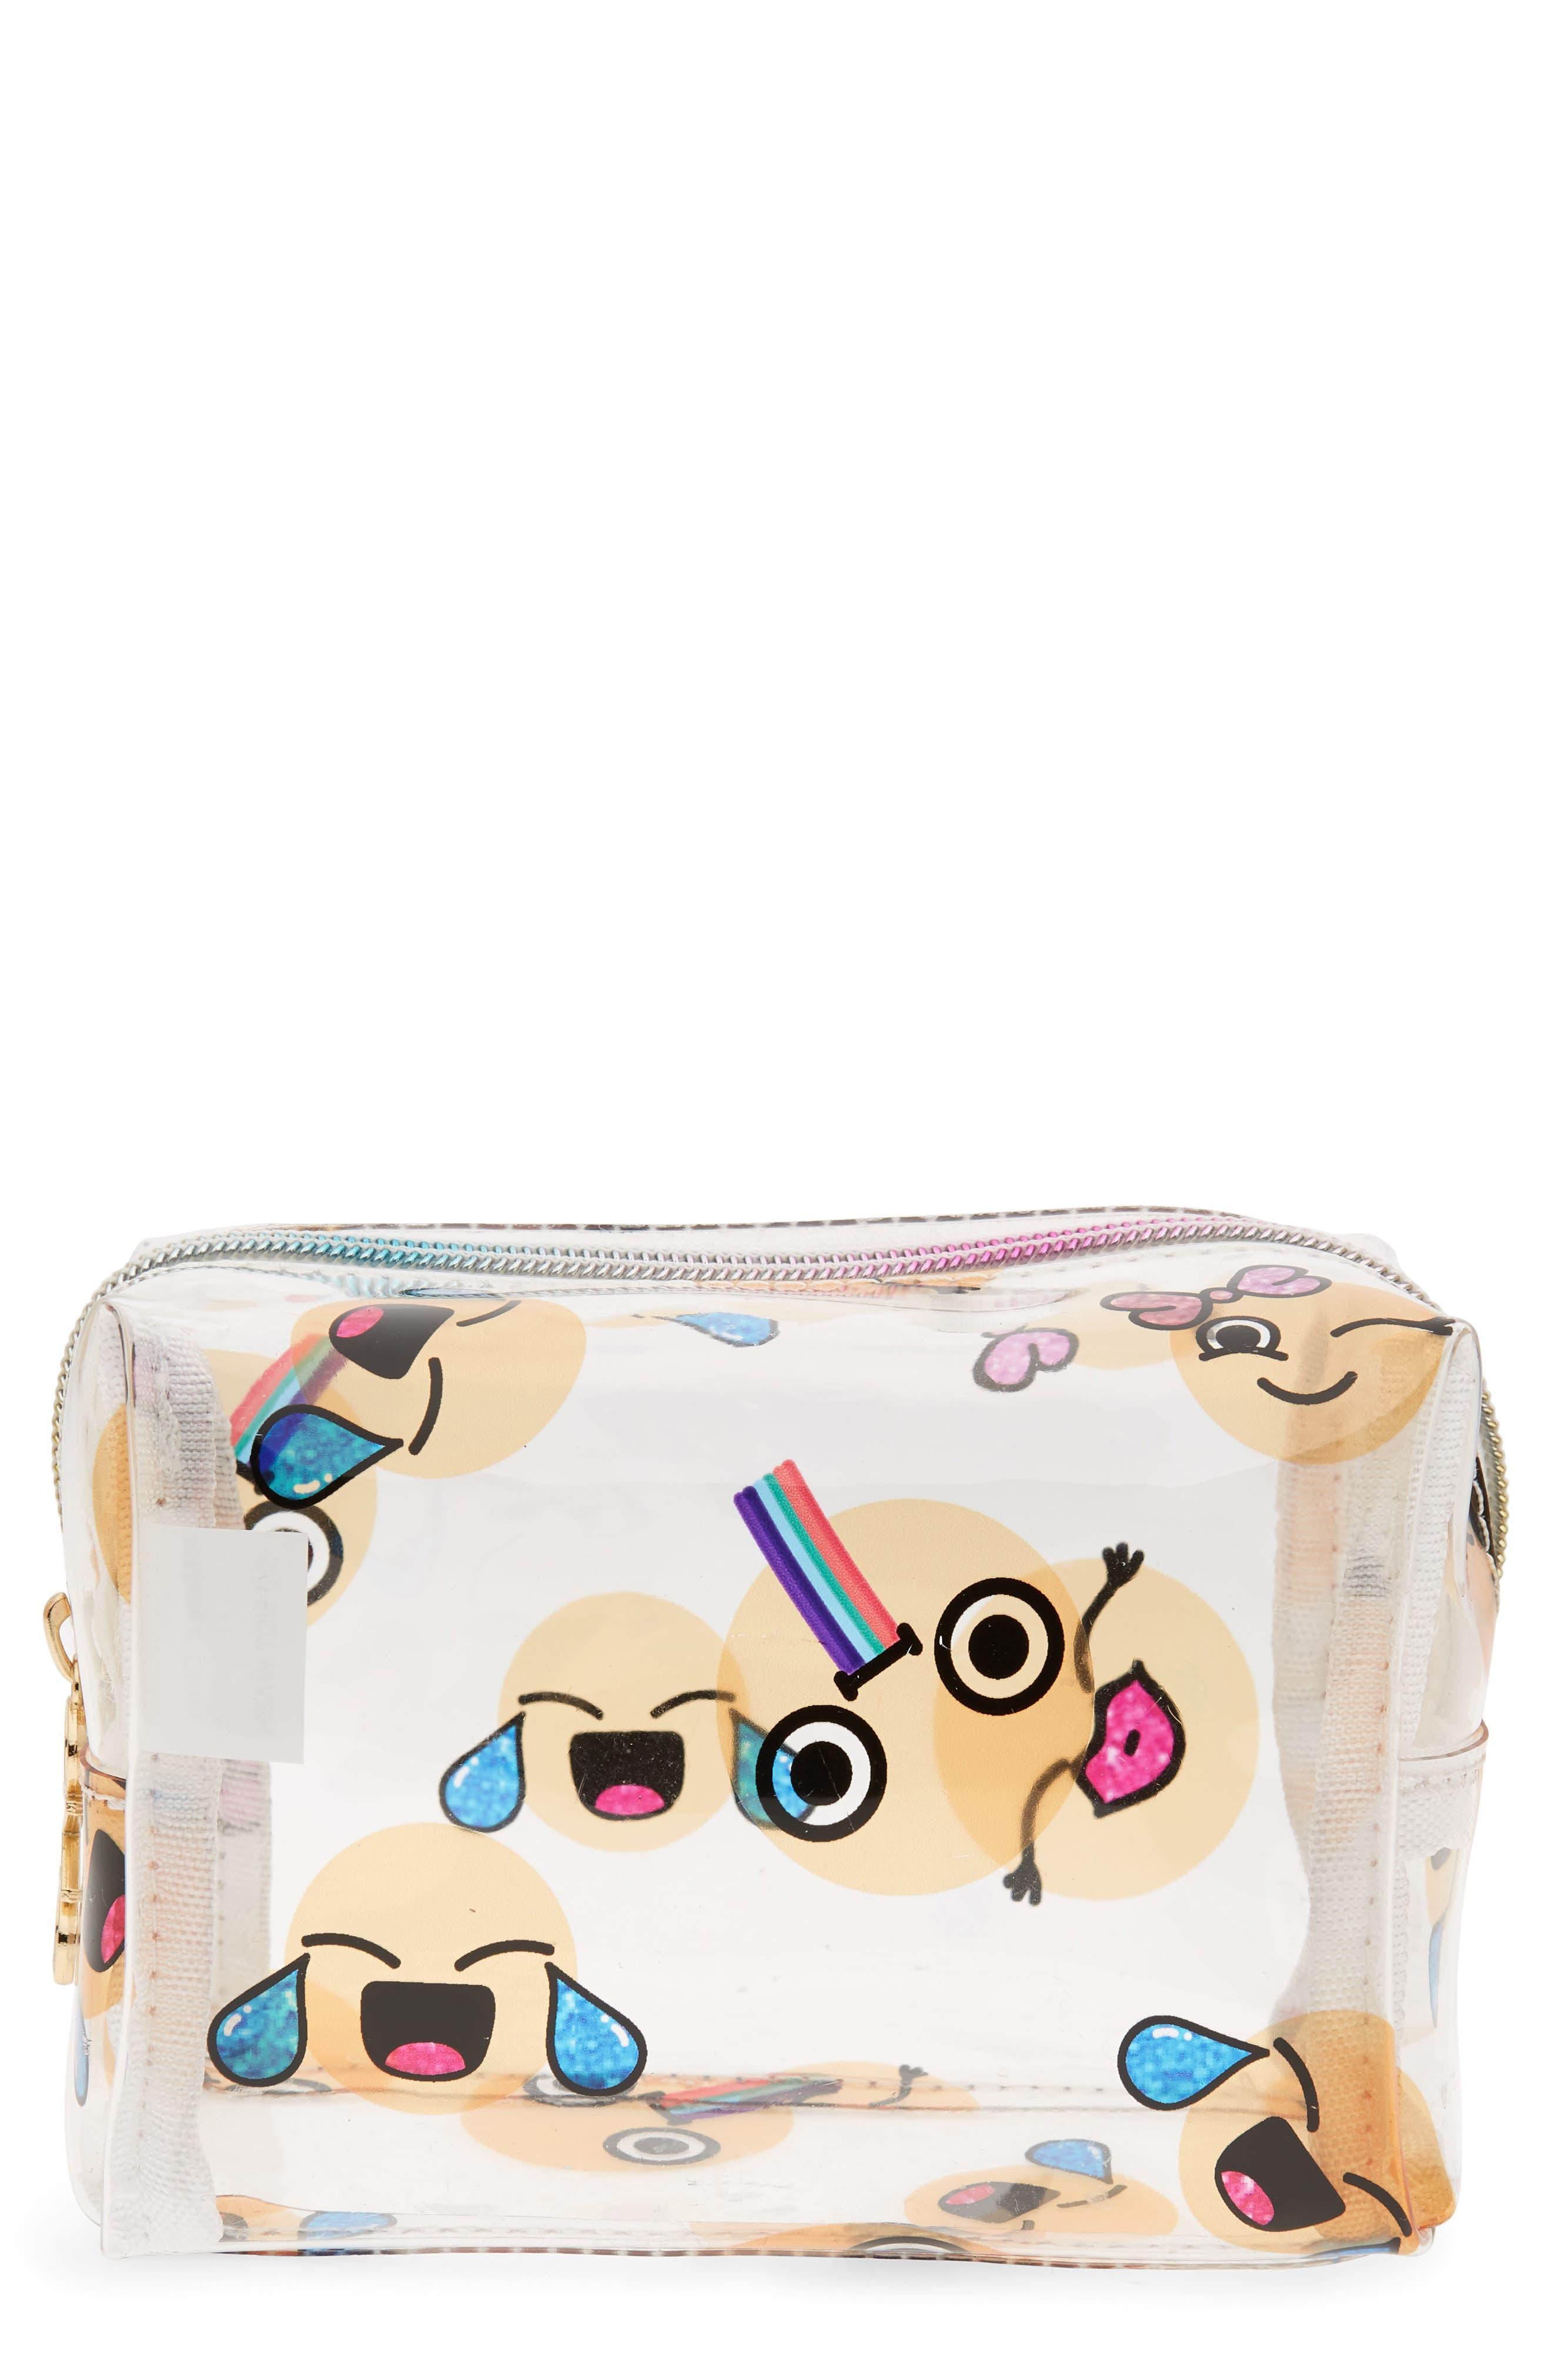 Emoji Cosmetics Case,                         Main,                         color, 100